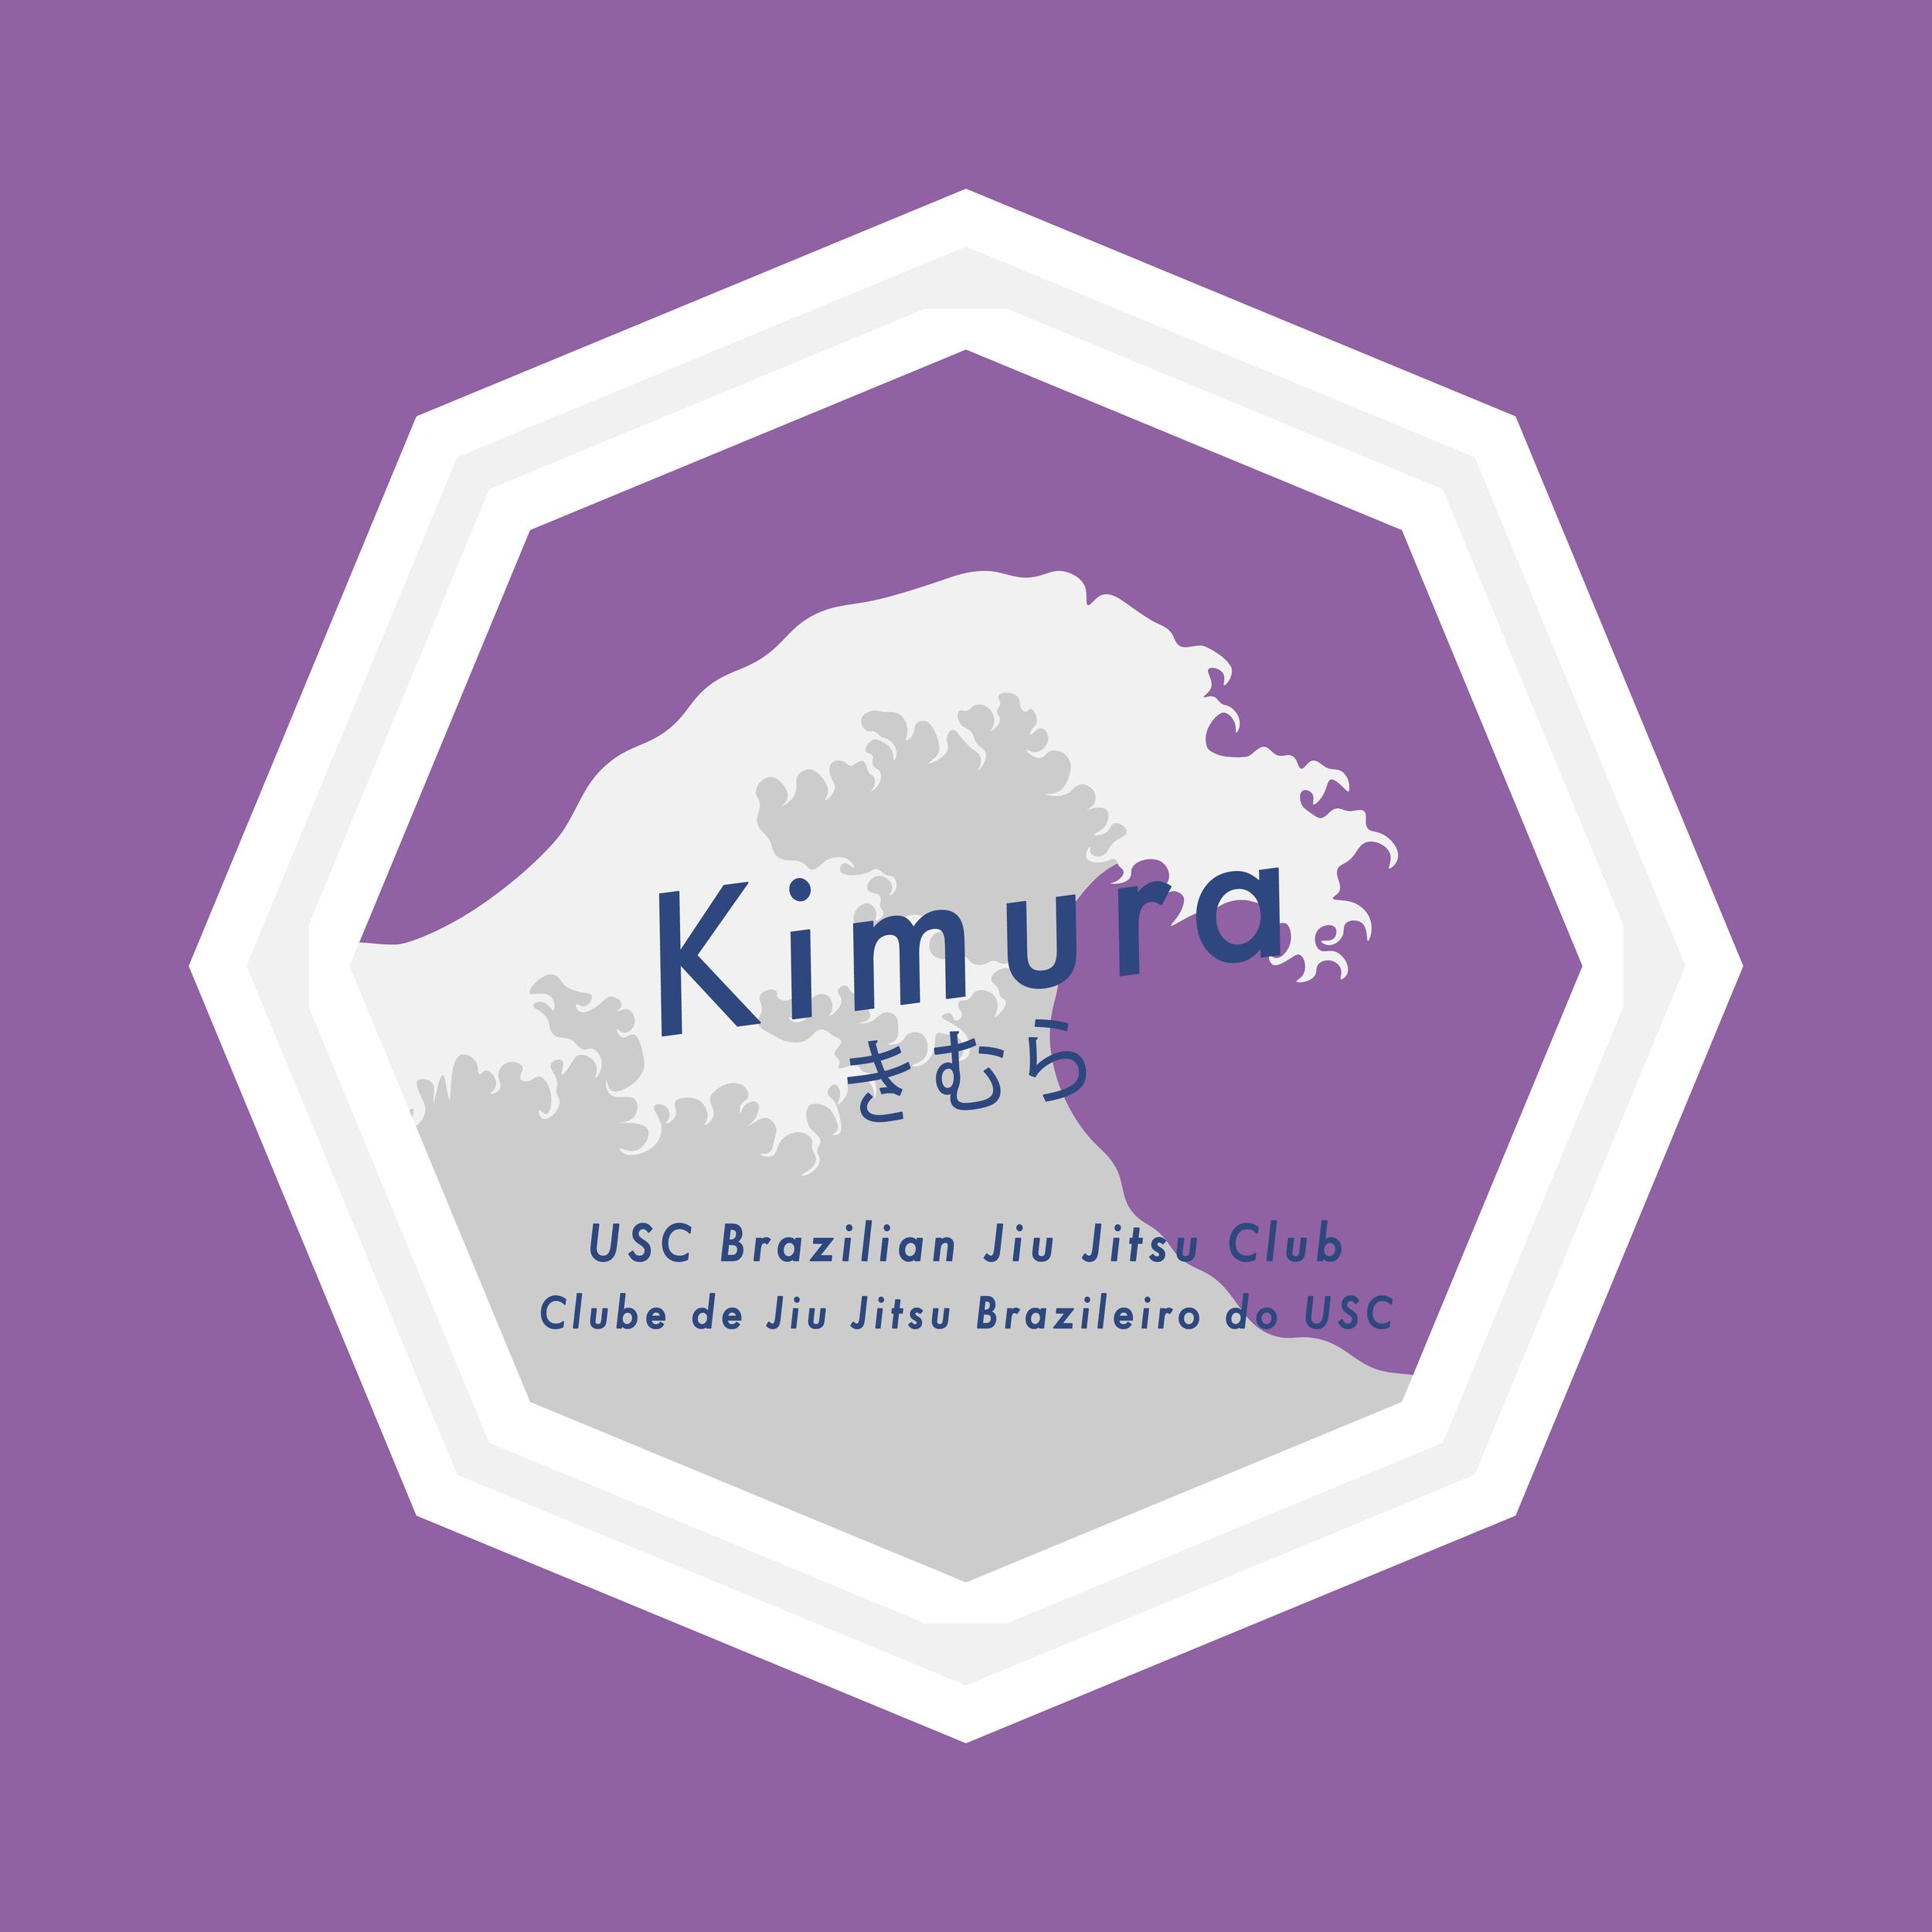 kimura   shirtback for usc brazilian jiu jitsu